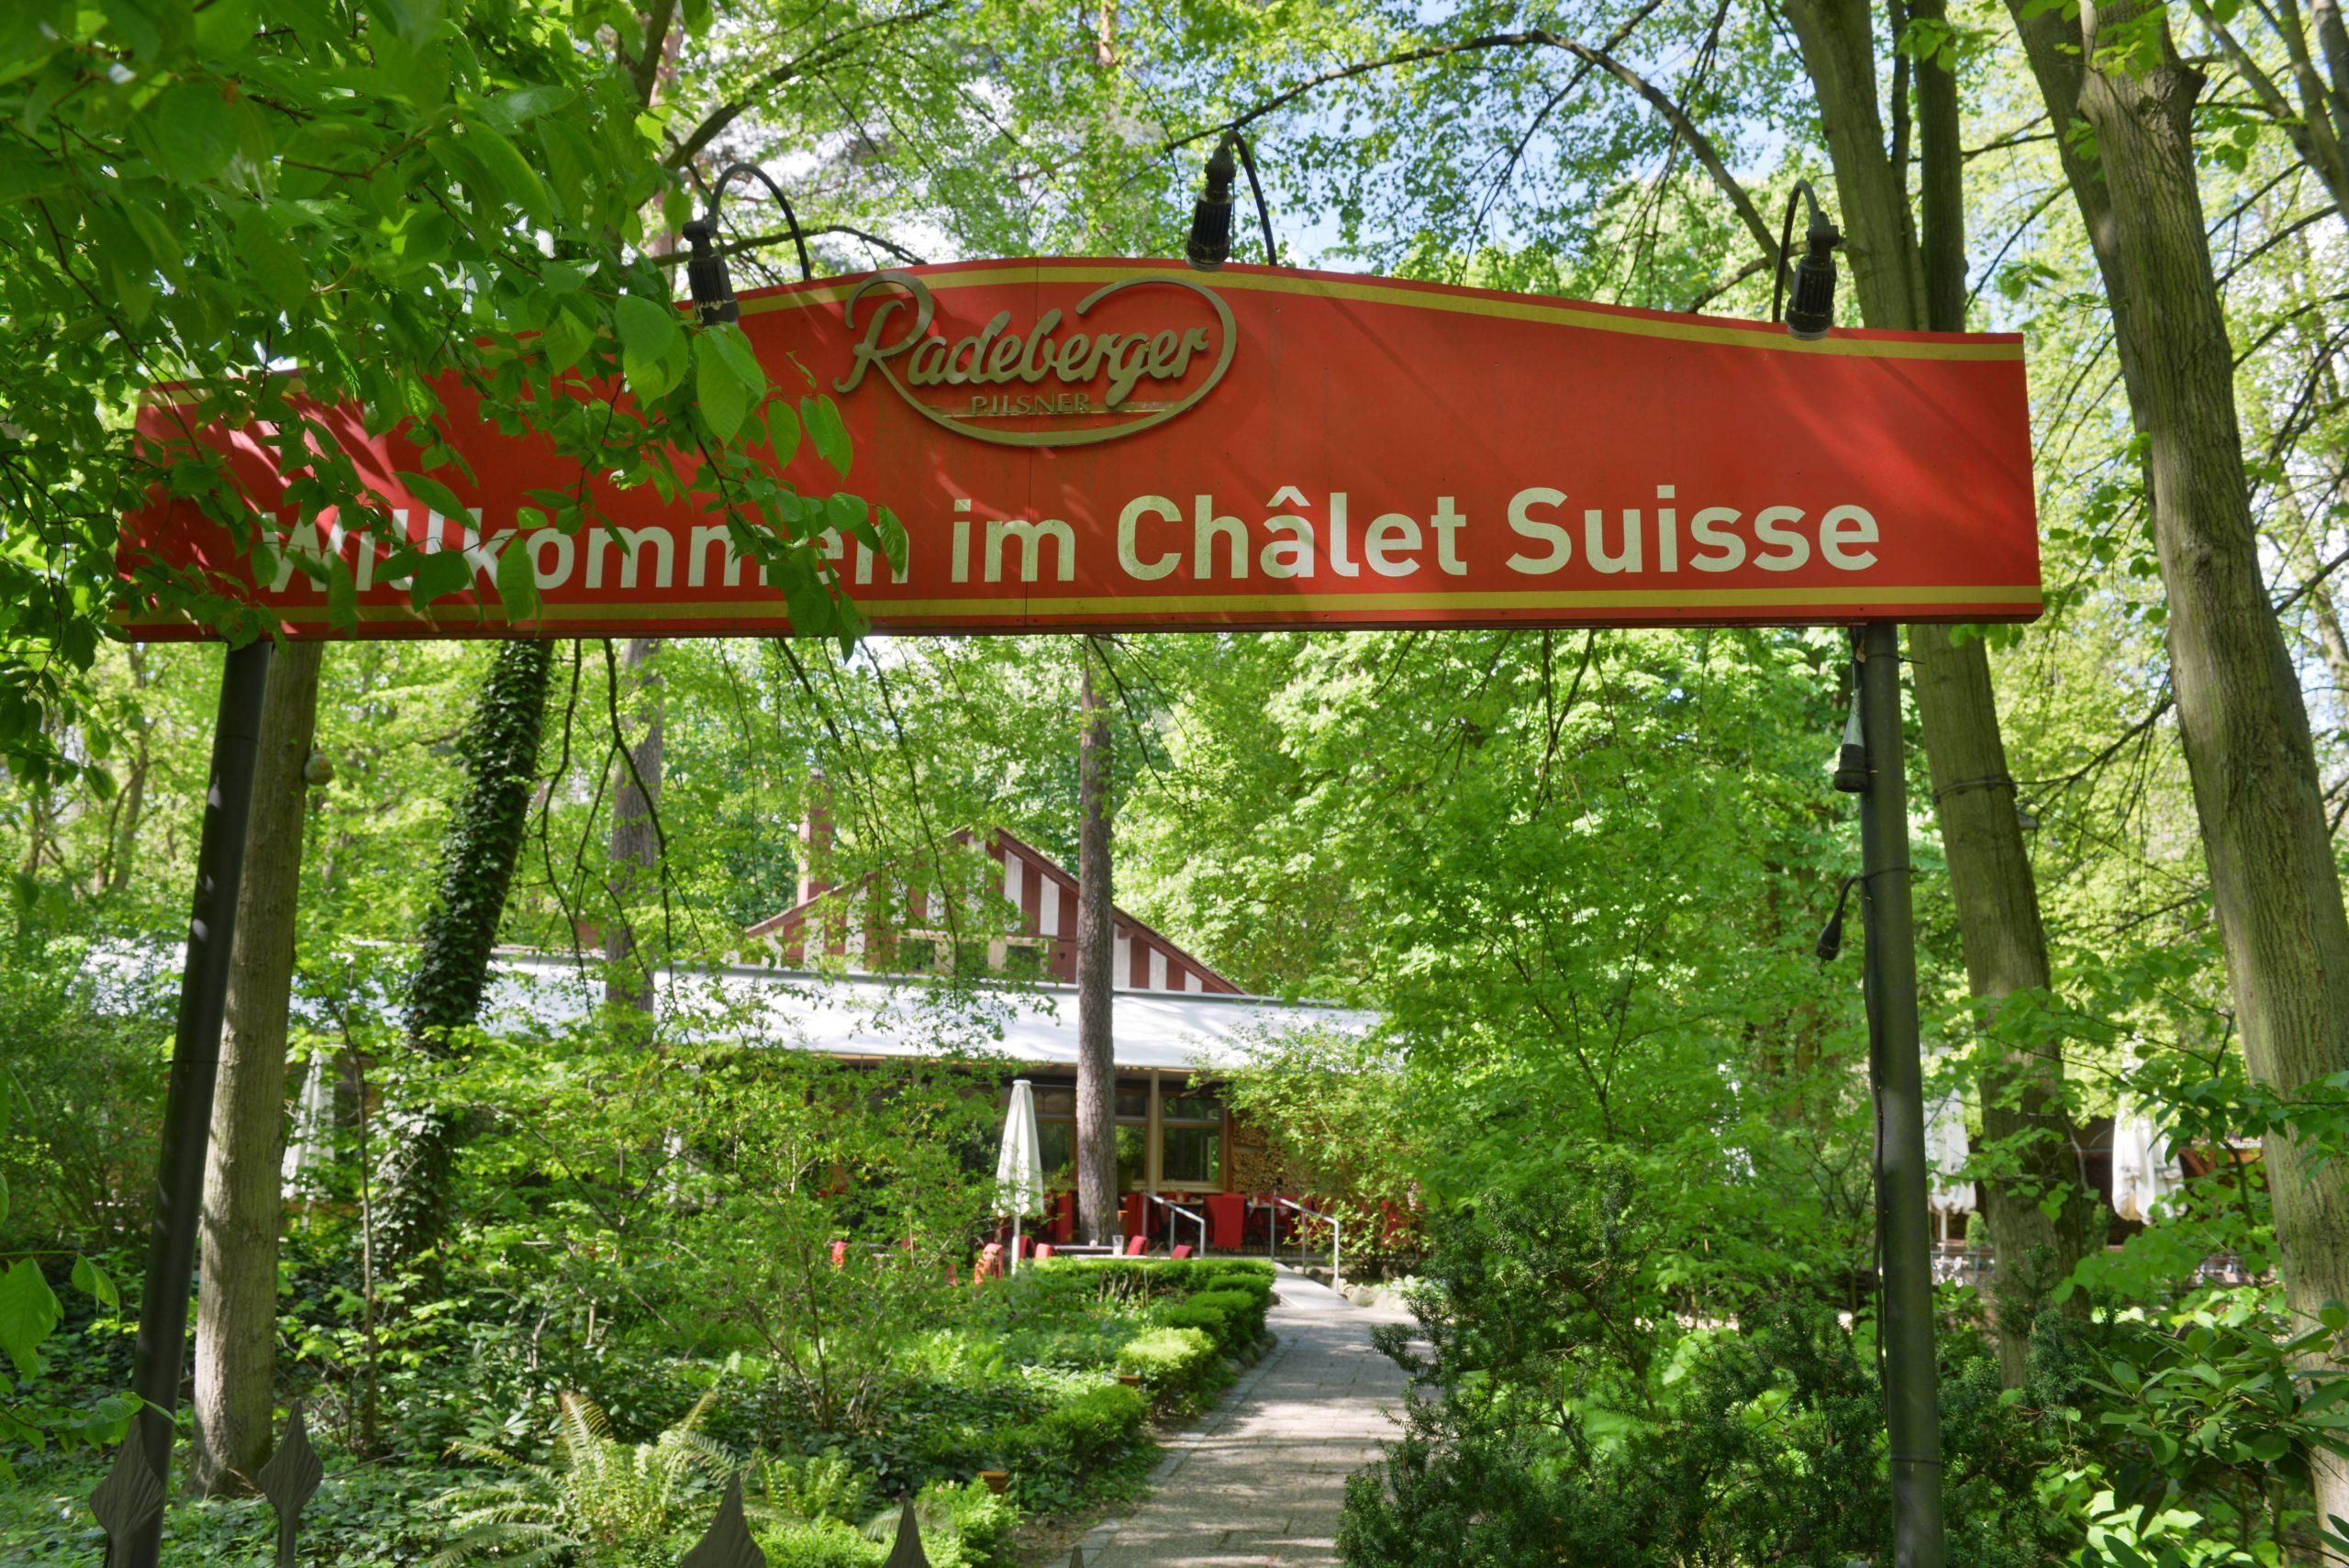 Gartenrestaurant in Berlin Schweizer Küche im Wald mitten in Berlin gibt es im lauschigen Châlet Suisse im Grunewald.